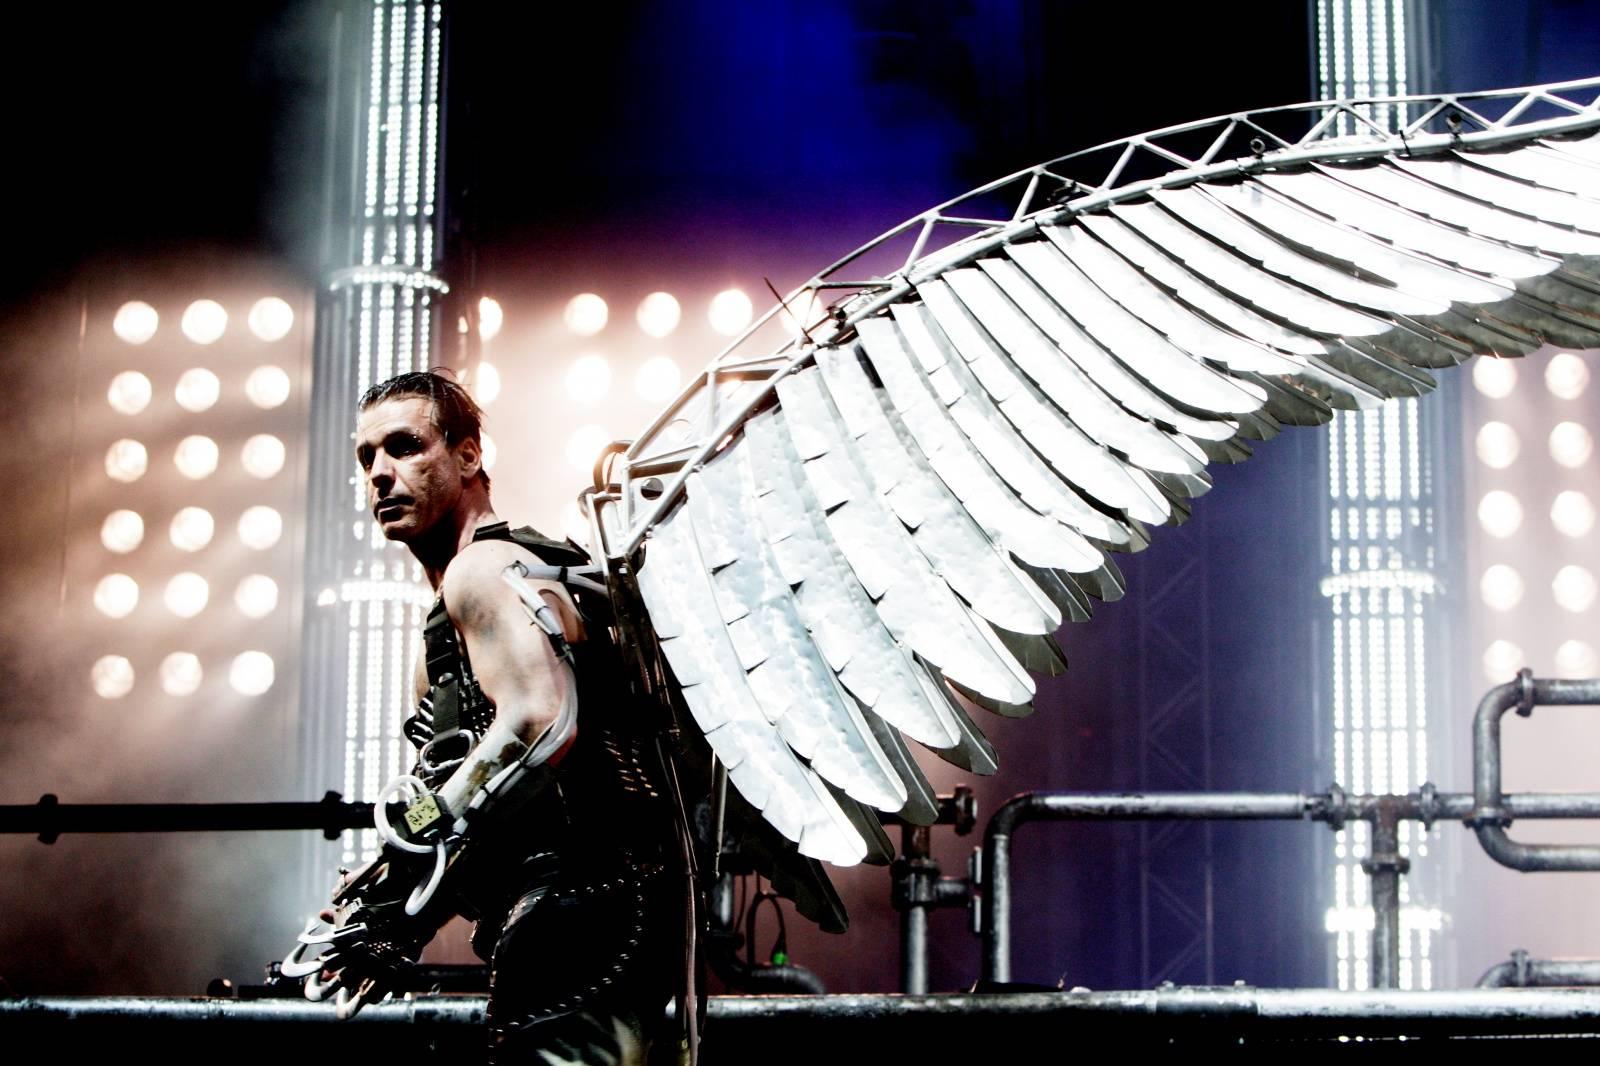 Rammstein nadělí fanouškům pod stromeček 14 vinylů a raritní nahrávky